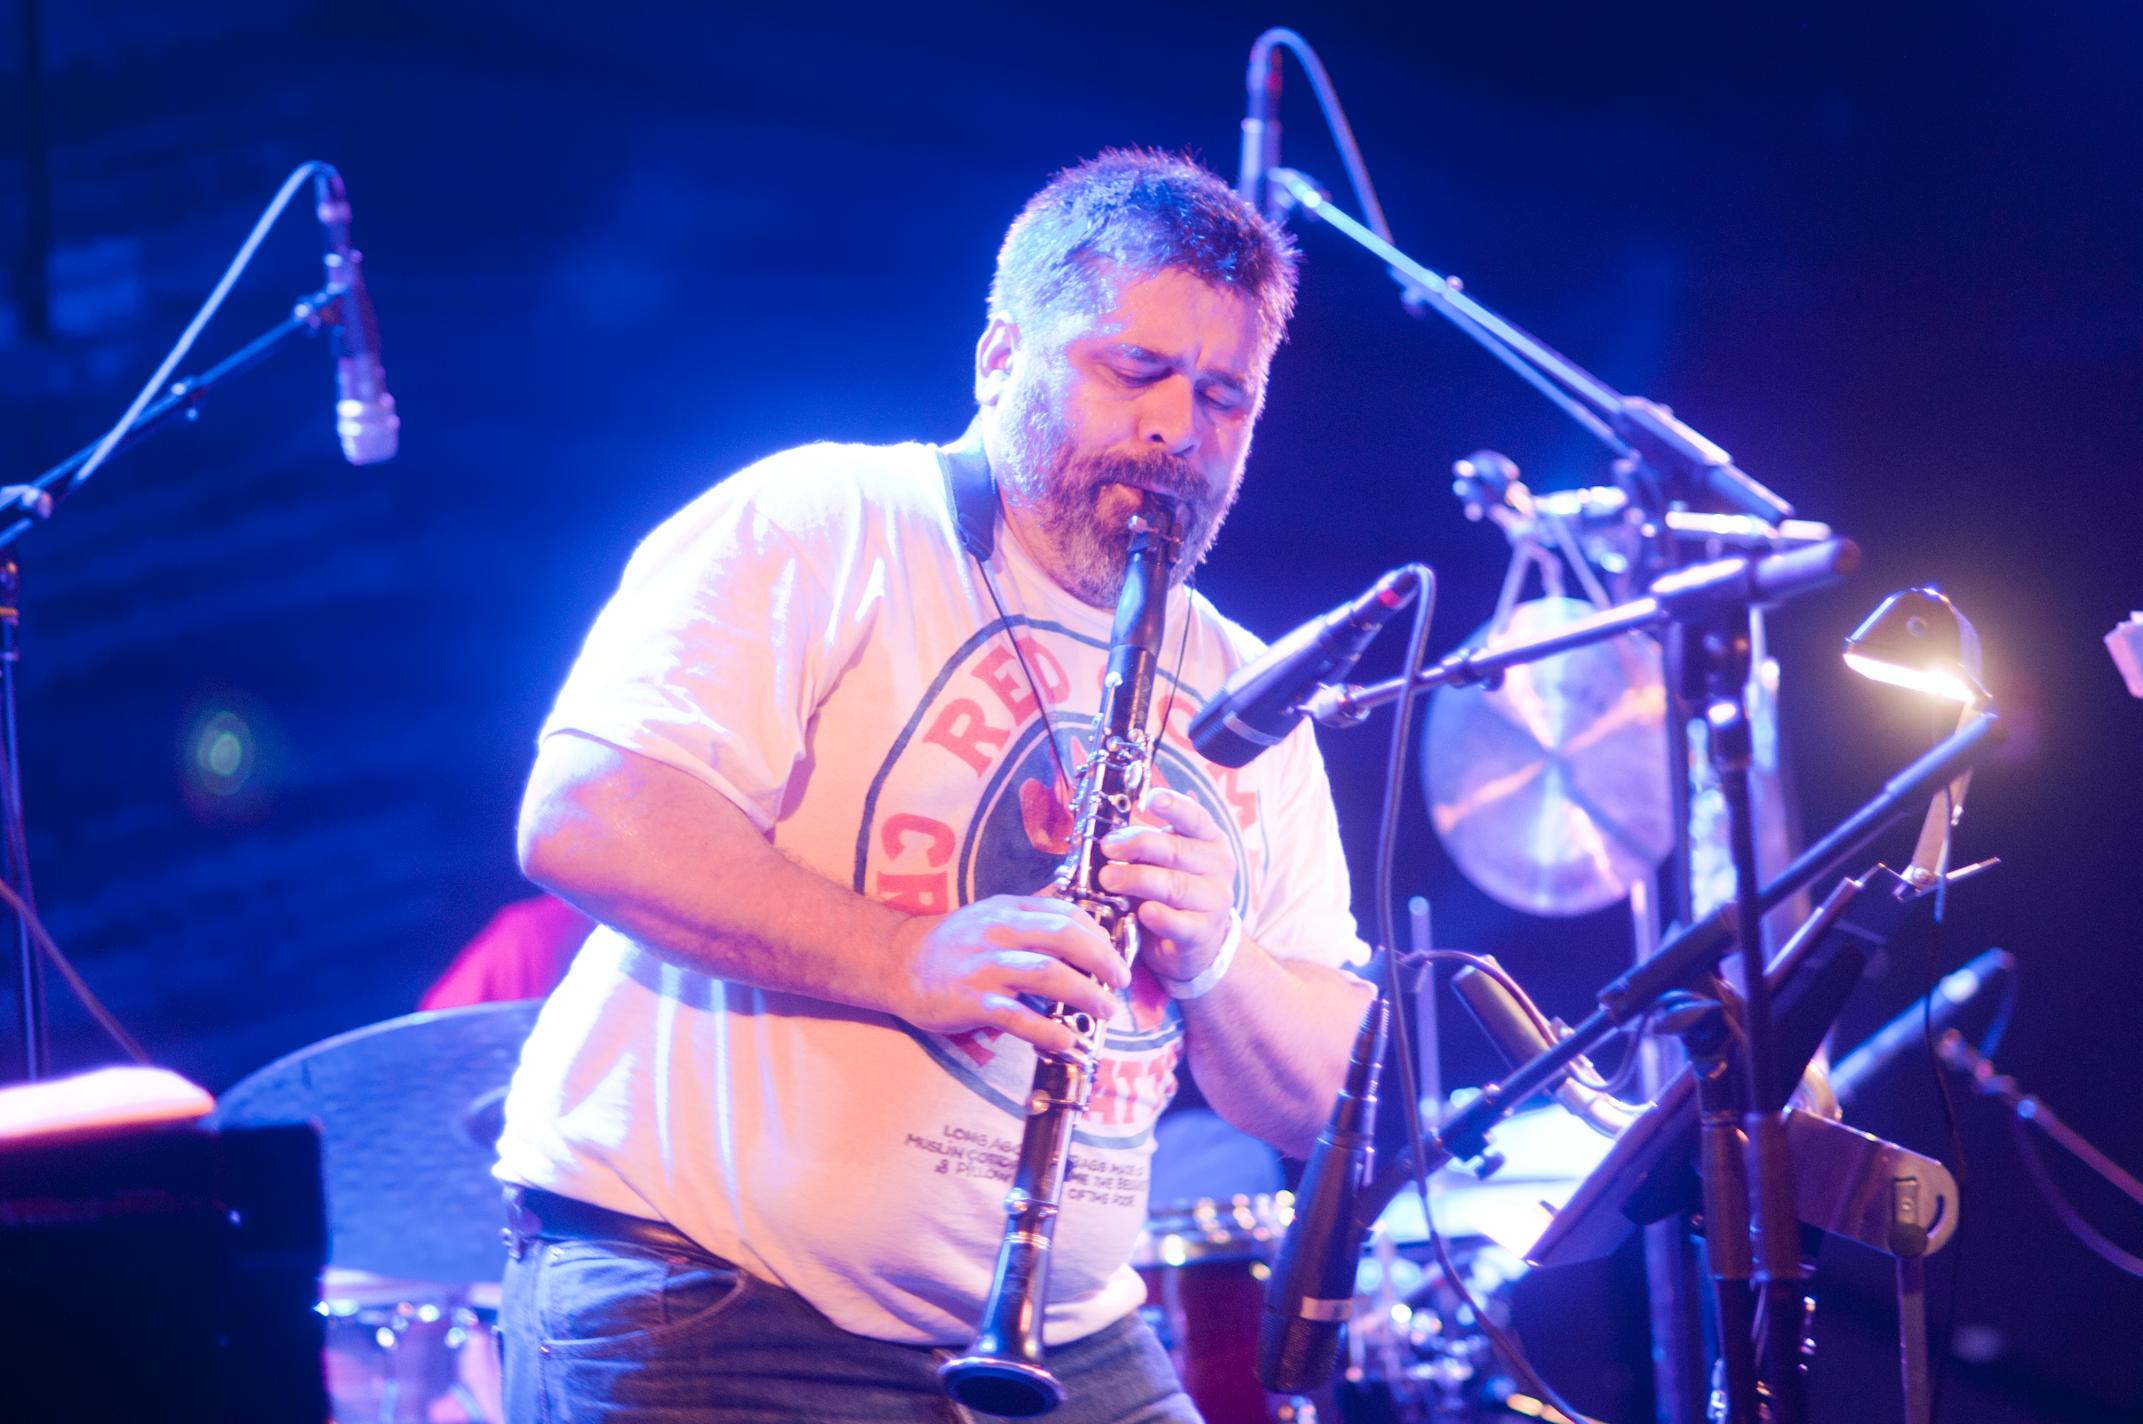 Oscar Noriega